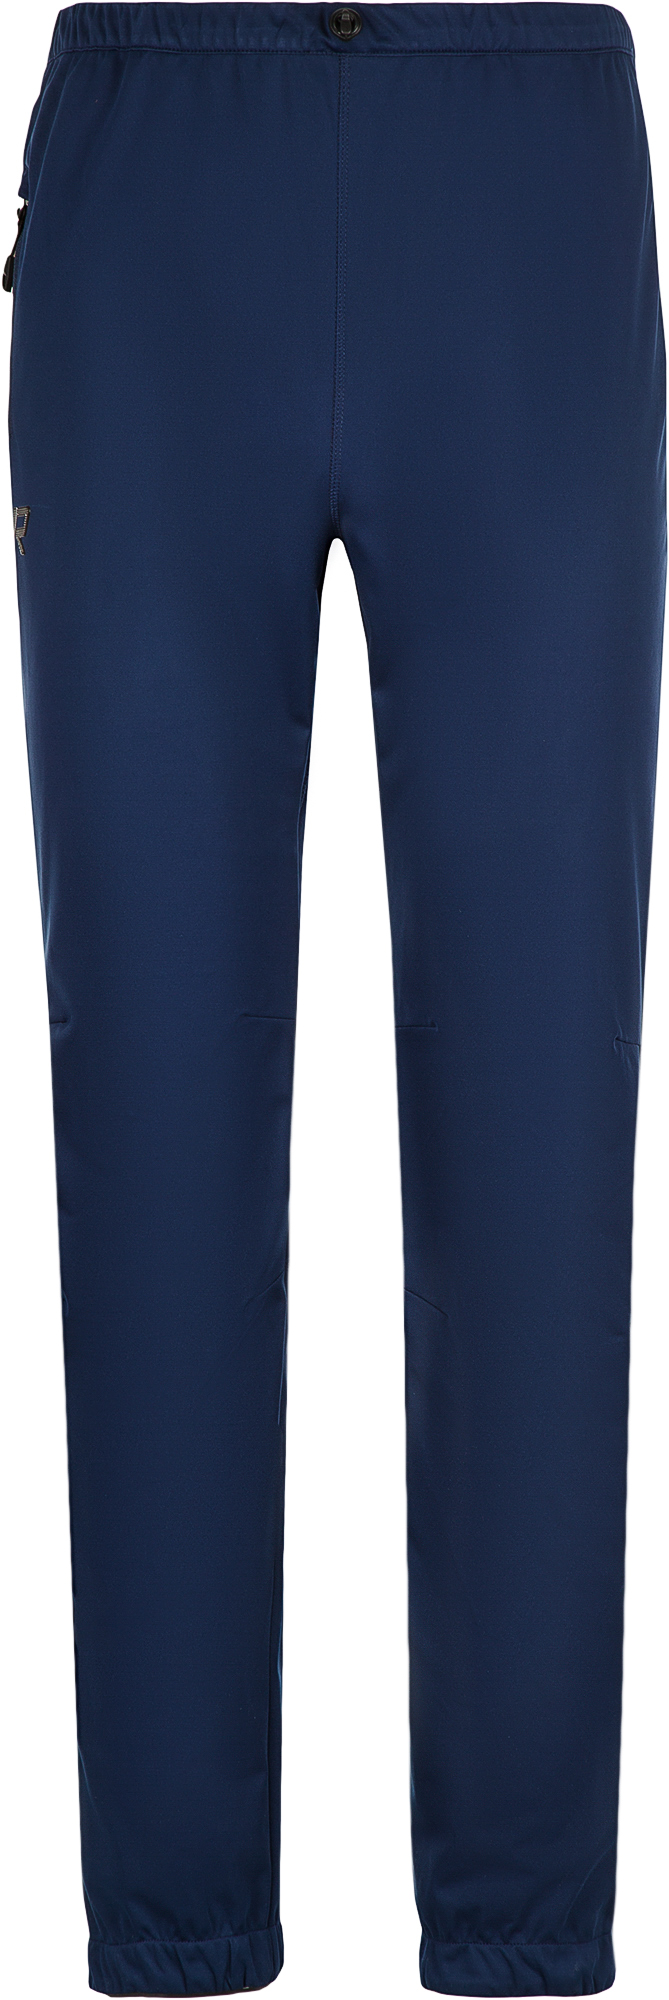 Фото - Rukka Брюки мужские Rukka Takamaa, размер 54-56 брюки мужские rukka цвет черный 373364253rv 990 размер xxl 56